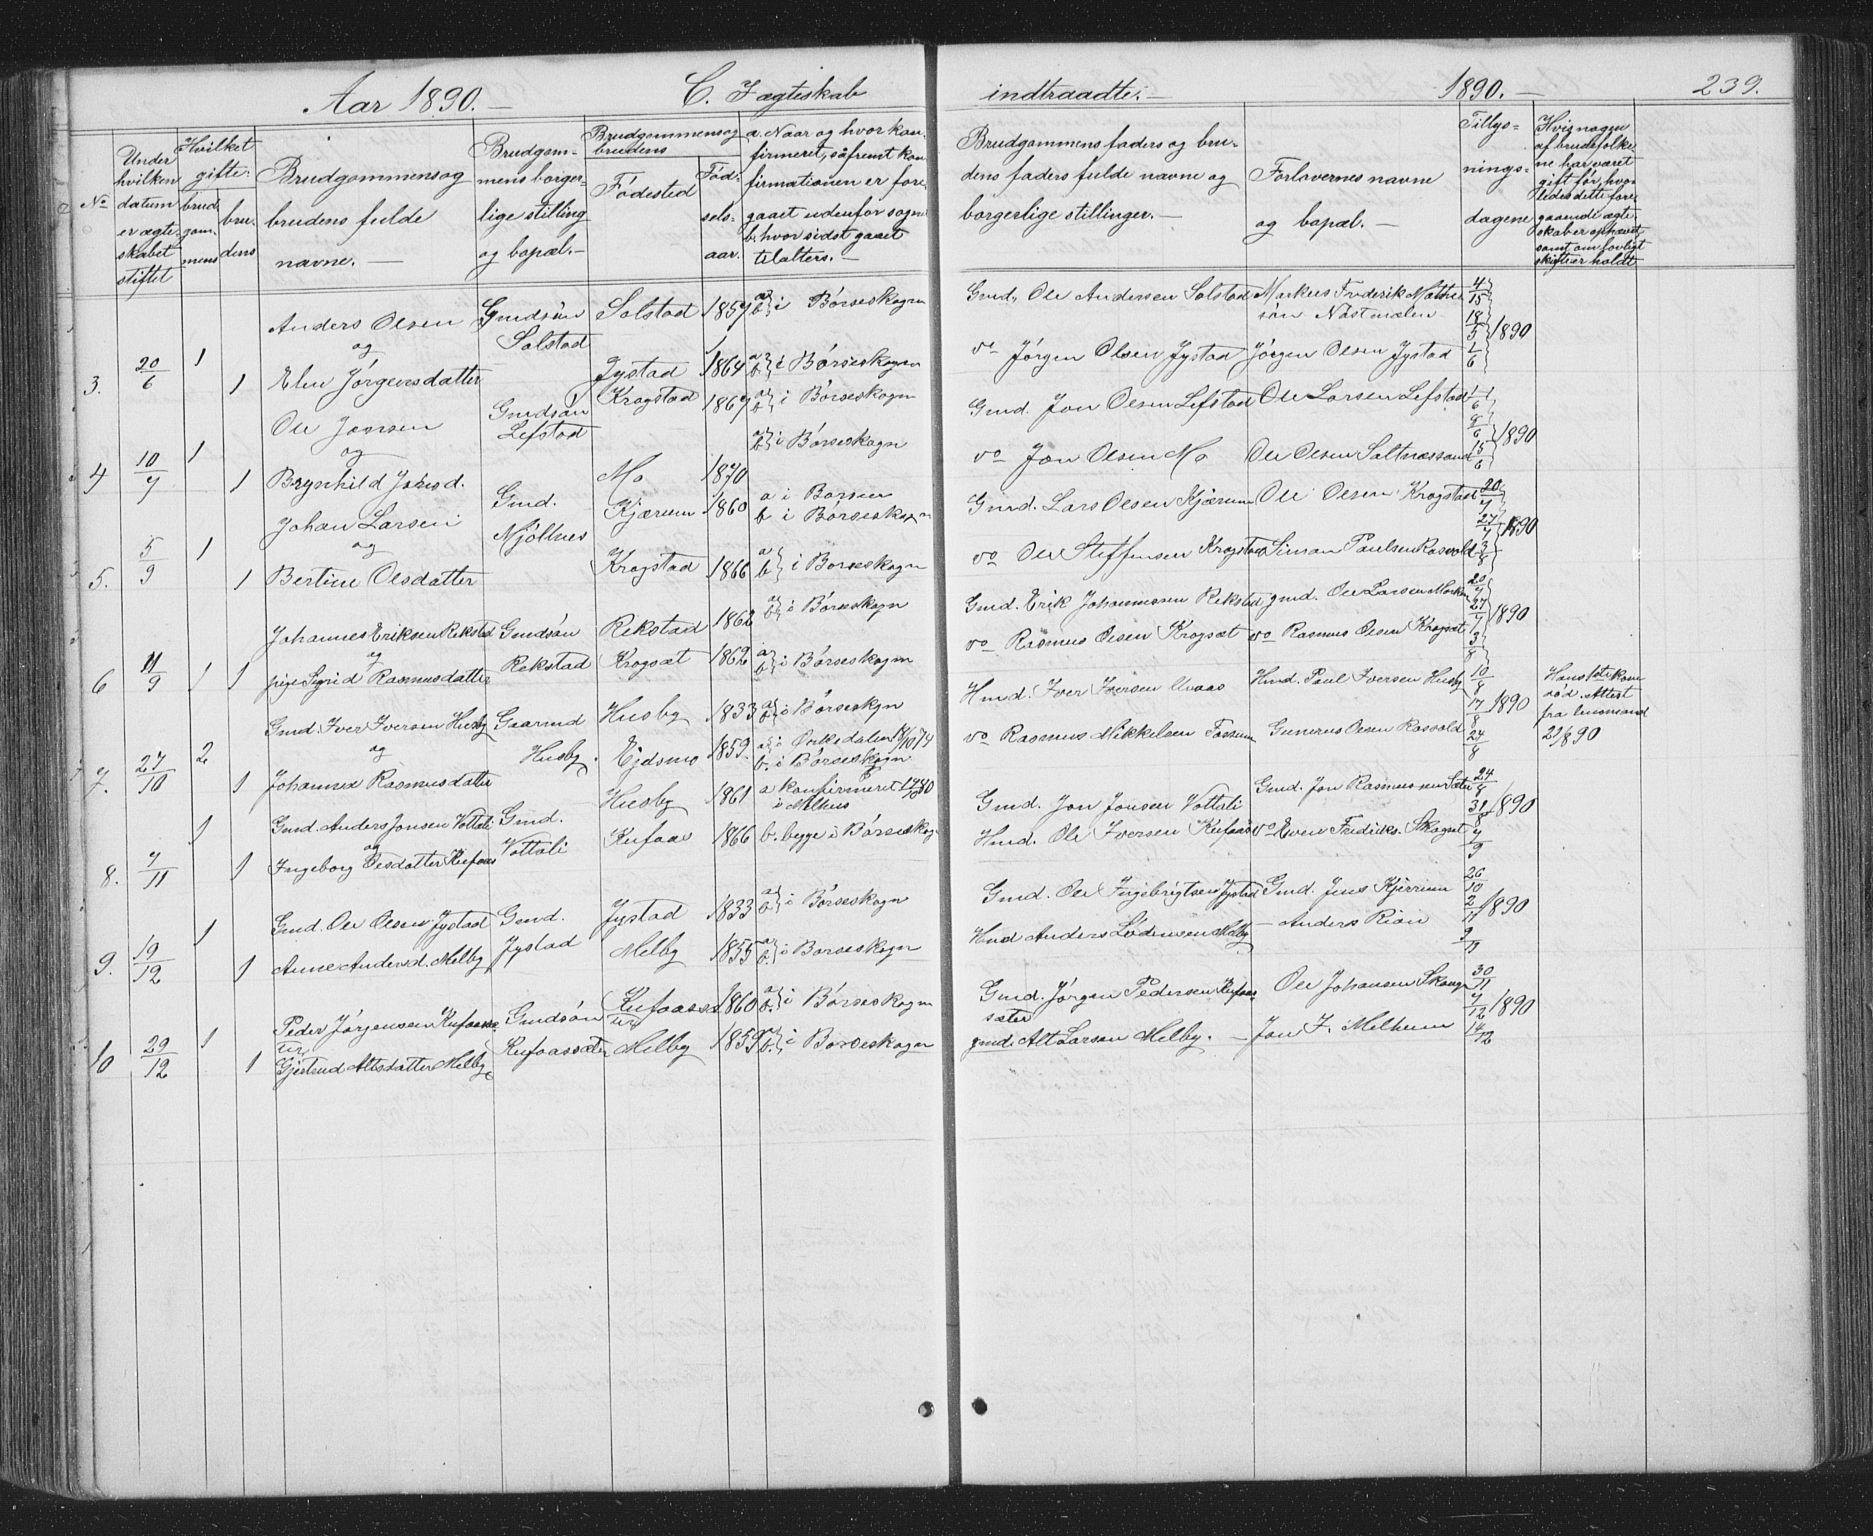 SAT, Ministerialprotokoller, klokkerbøker og fødselsregistre - Sør-Trøndelag, 667/L0798: Klokkerbok nr. 667C03, 1867-1929, s. 239